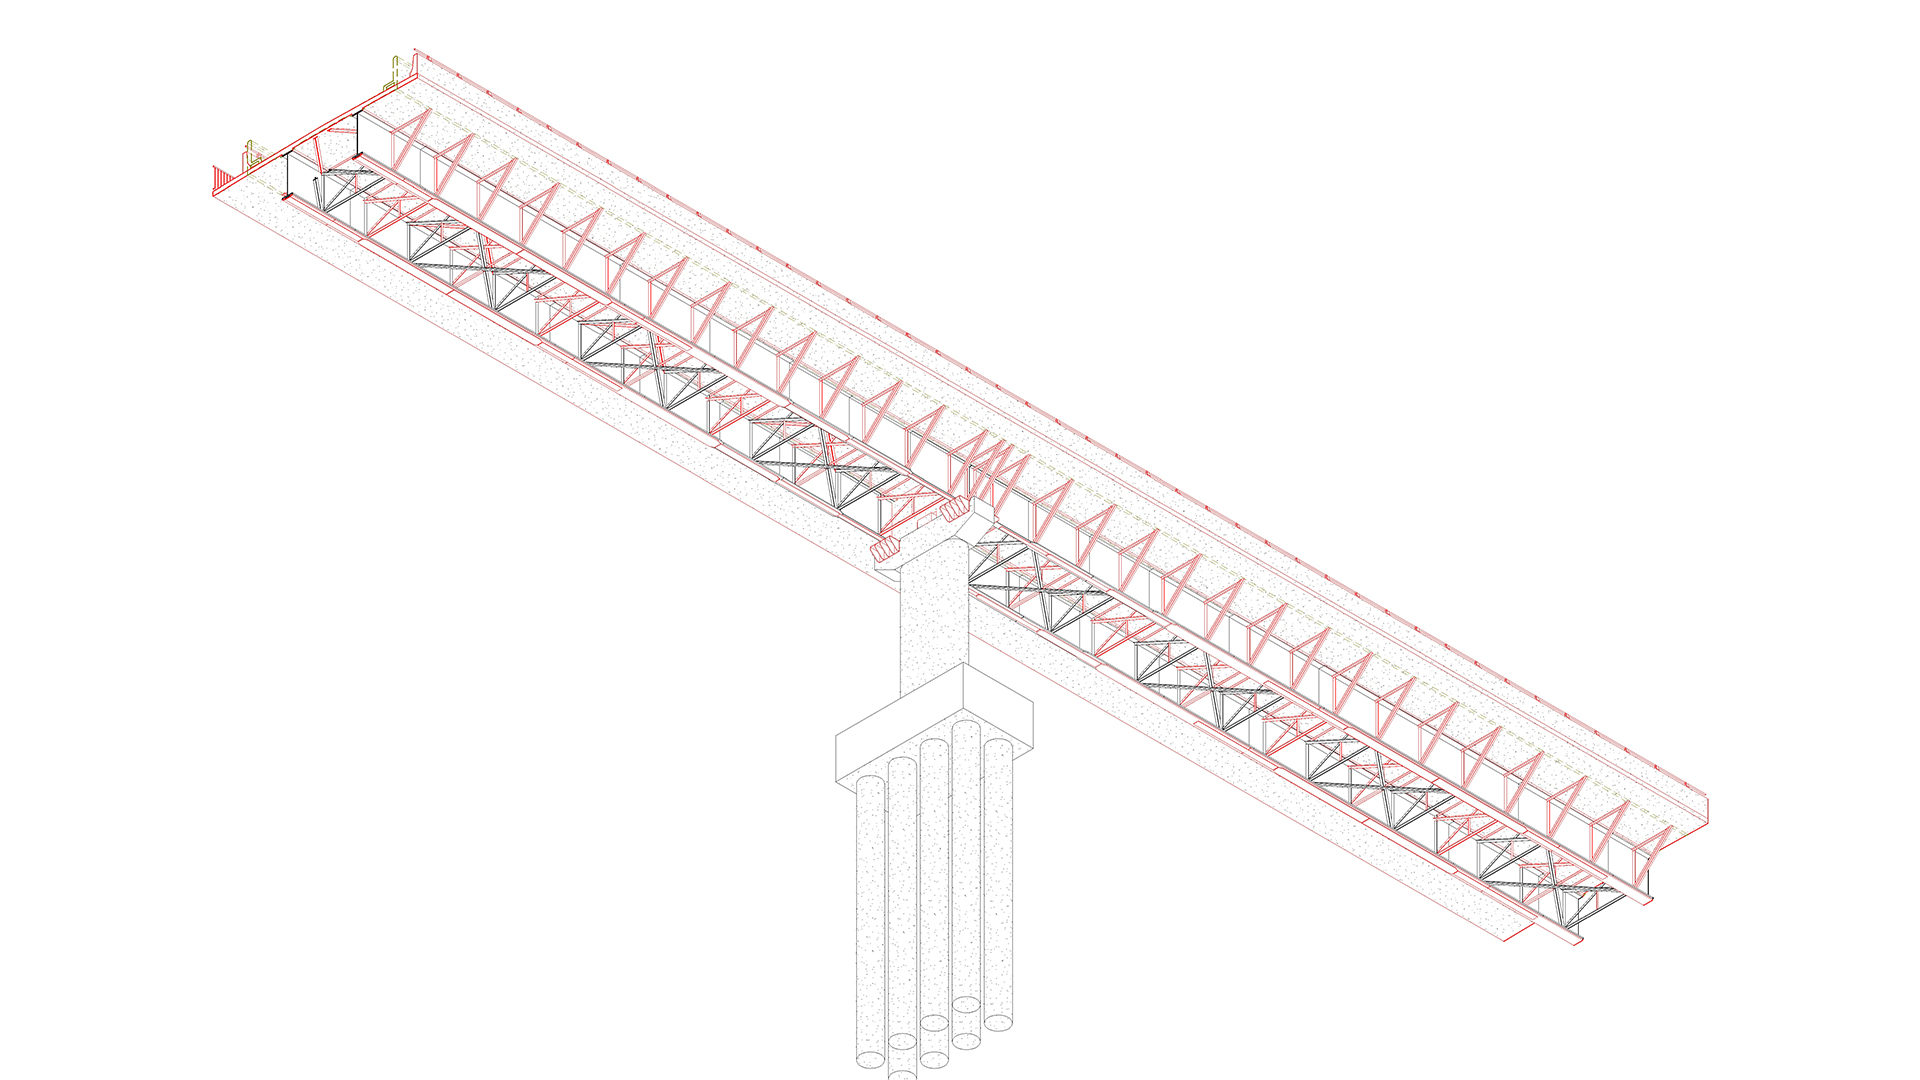 Puente Tinguiririca a02 – F1